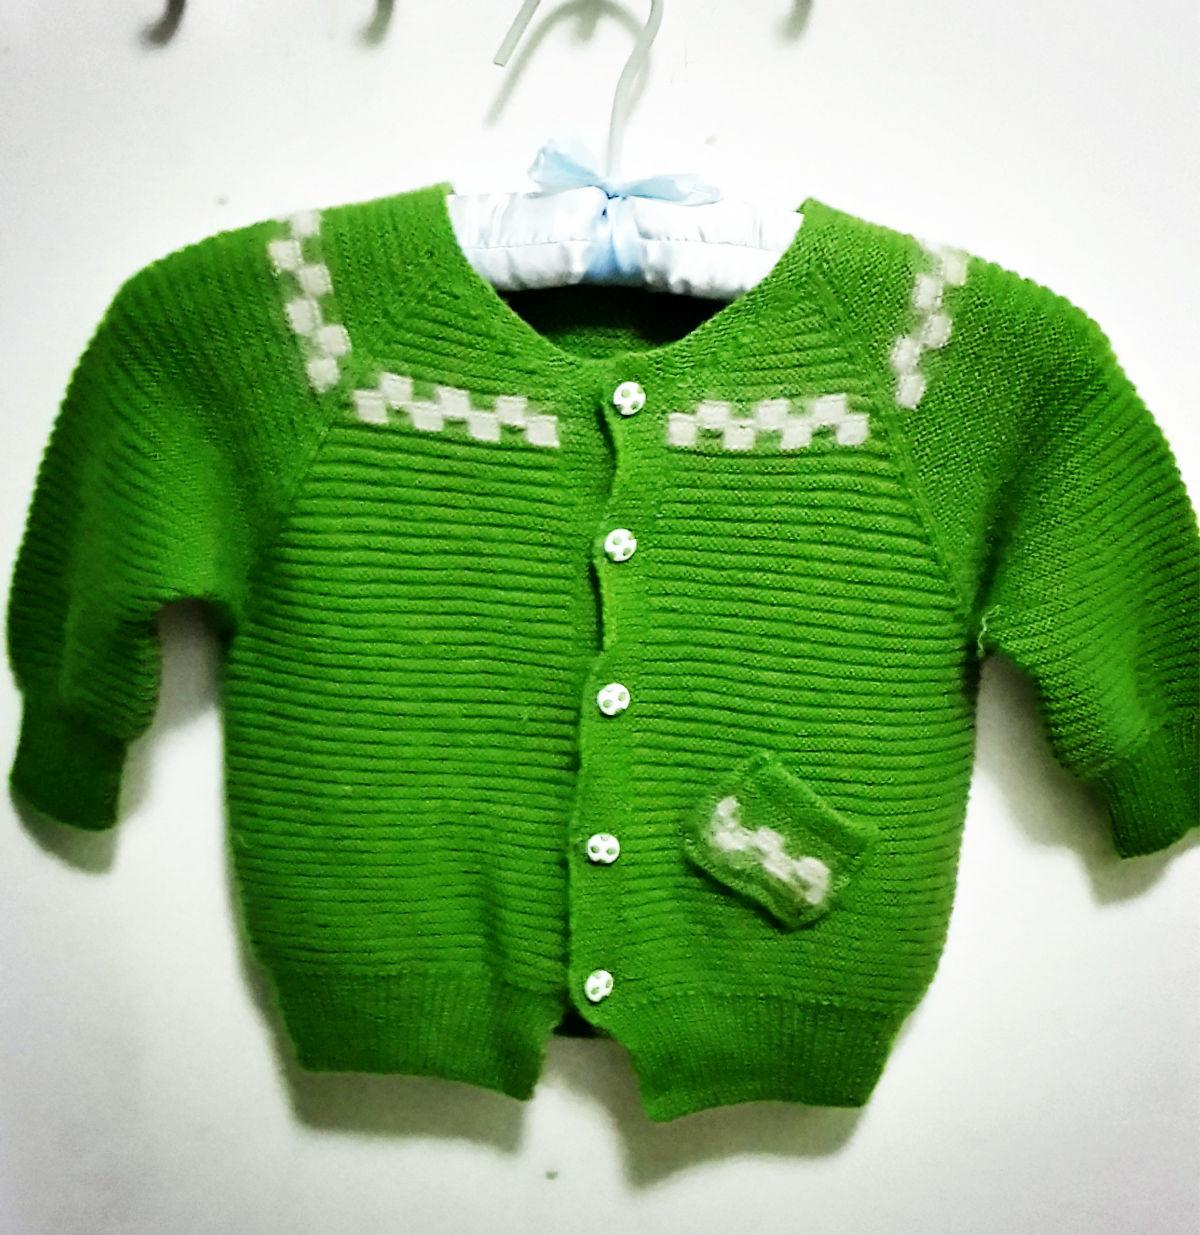 纯手工代织宝宝毛衣0-3岁宝宝漂亮毛衣毛裤裙子